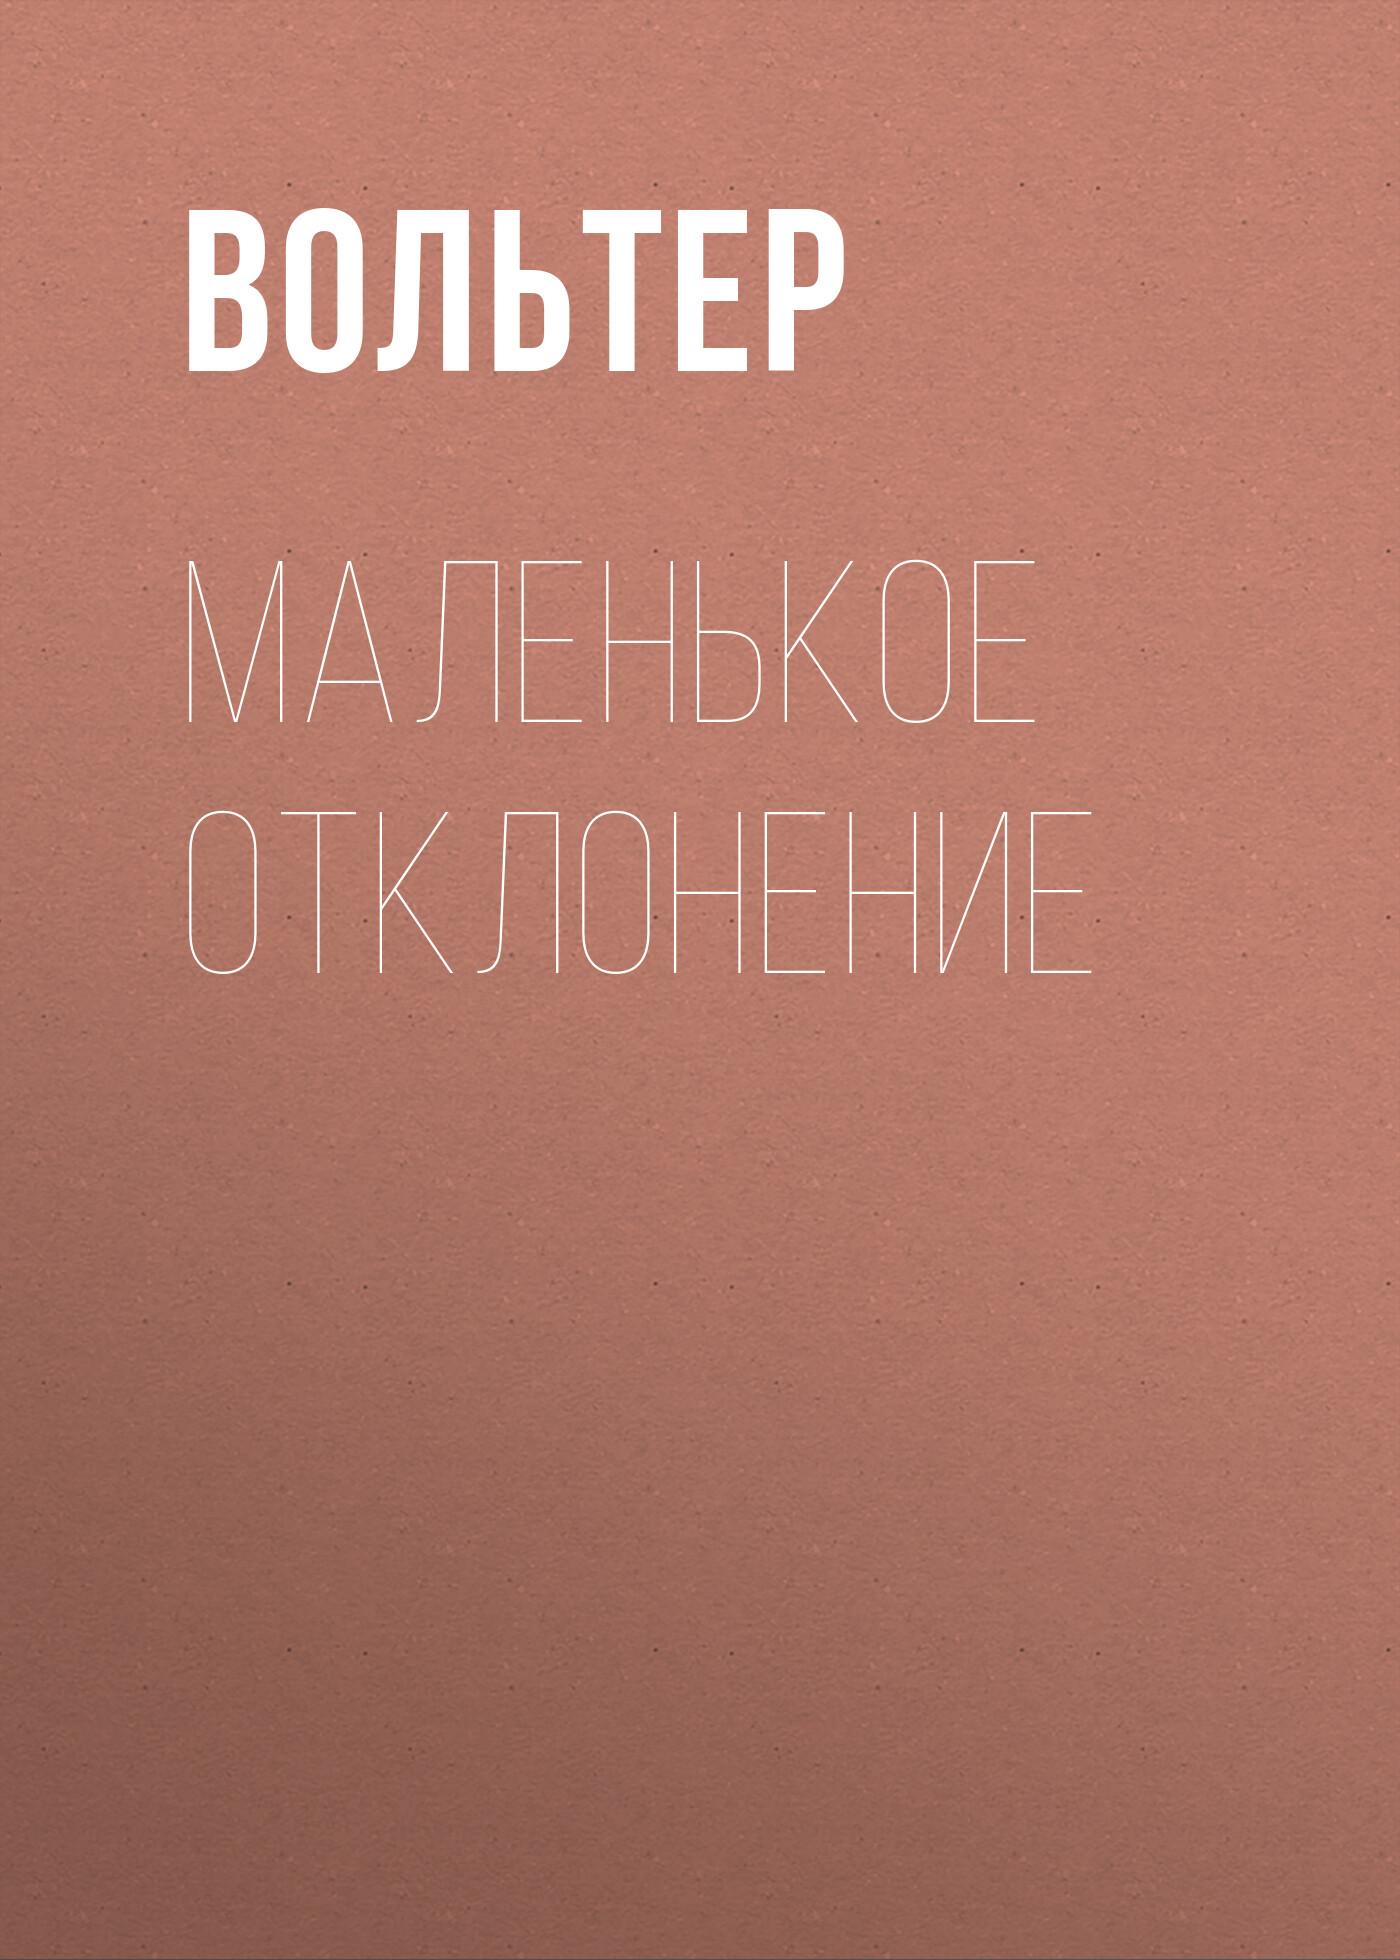 Вольтер Маленькое отклонение вольтер ф м золотые цитаты классиков литературы вольтер